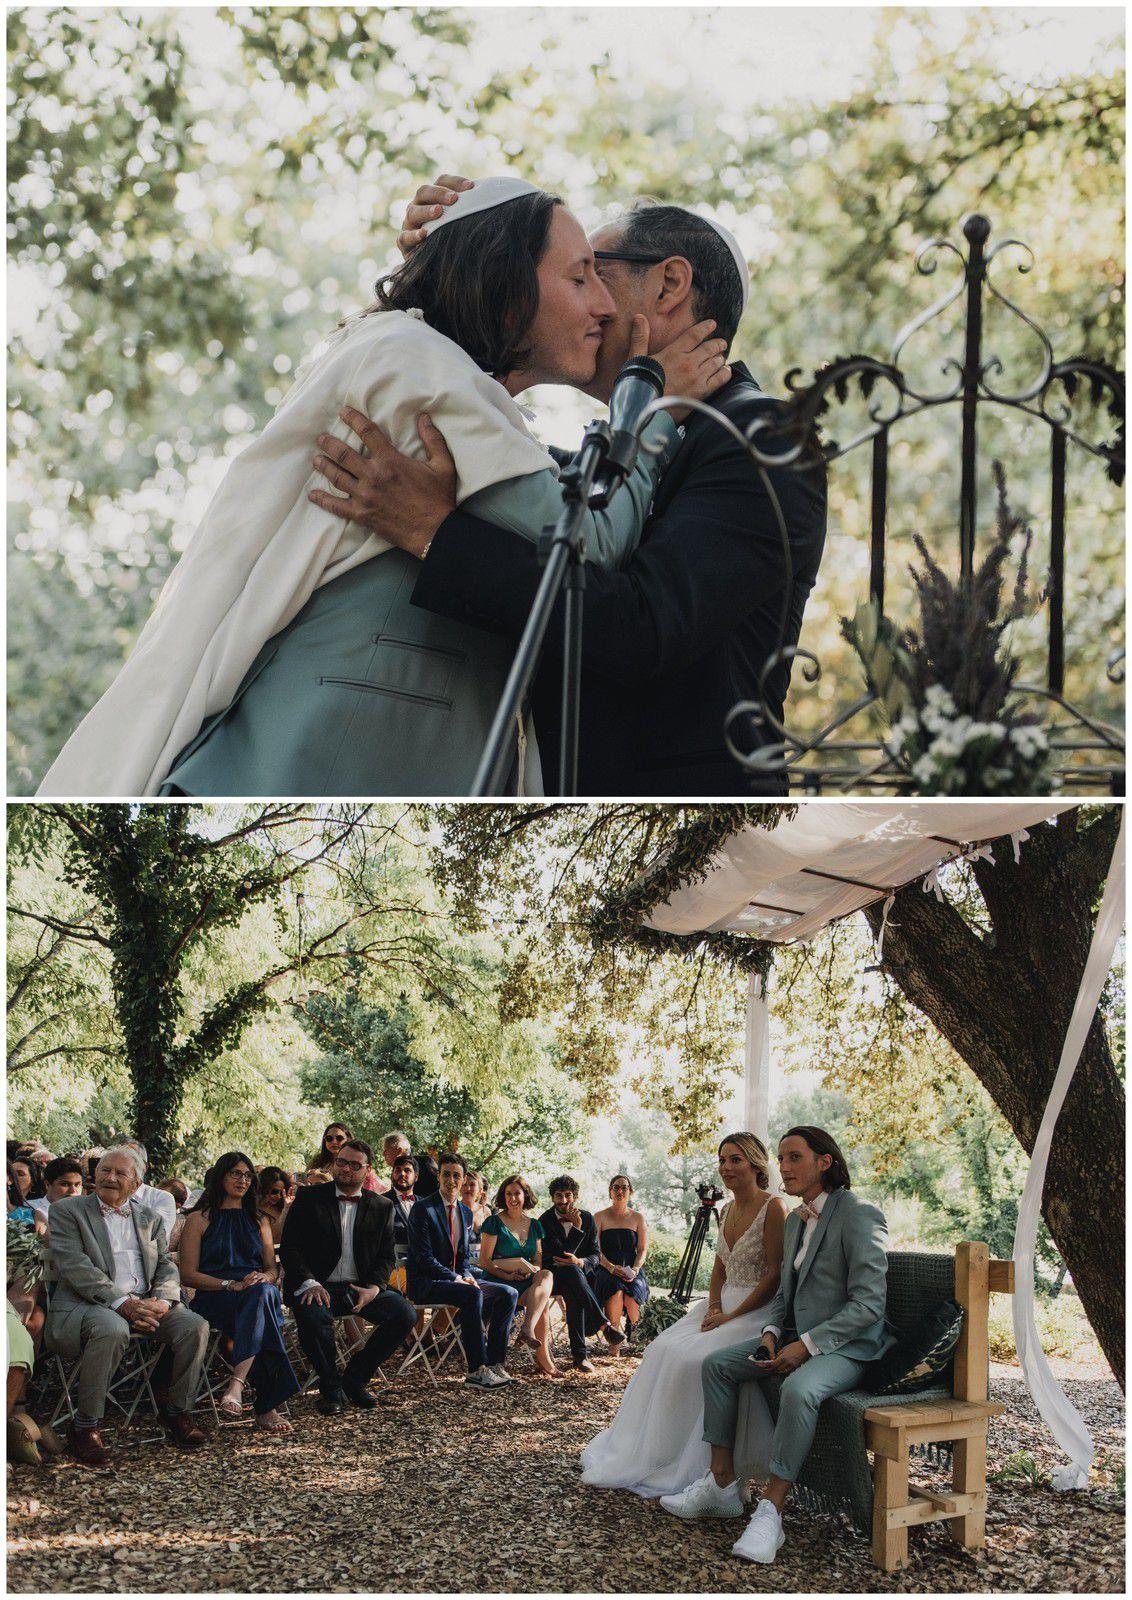 Mariage Provence Chic au Comptoir Saint Hilaire